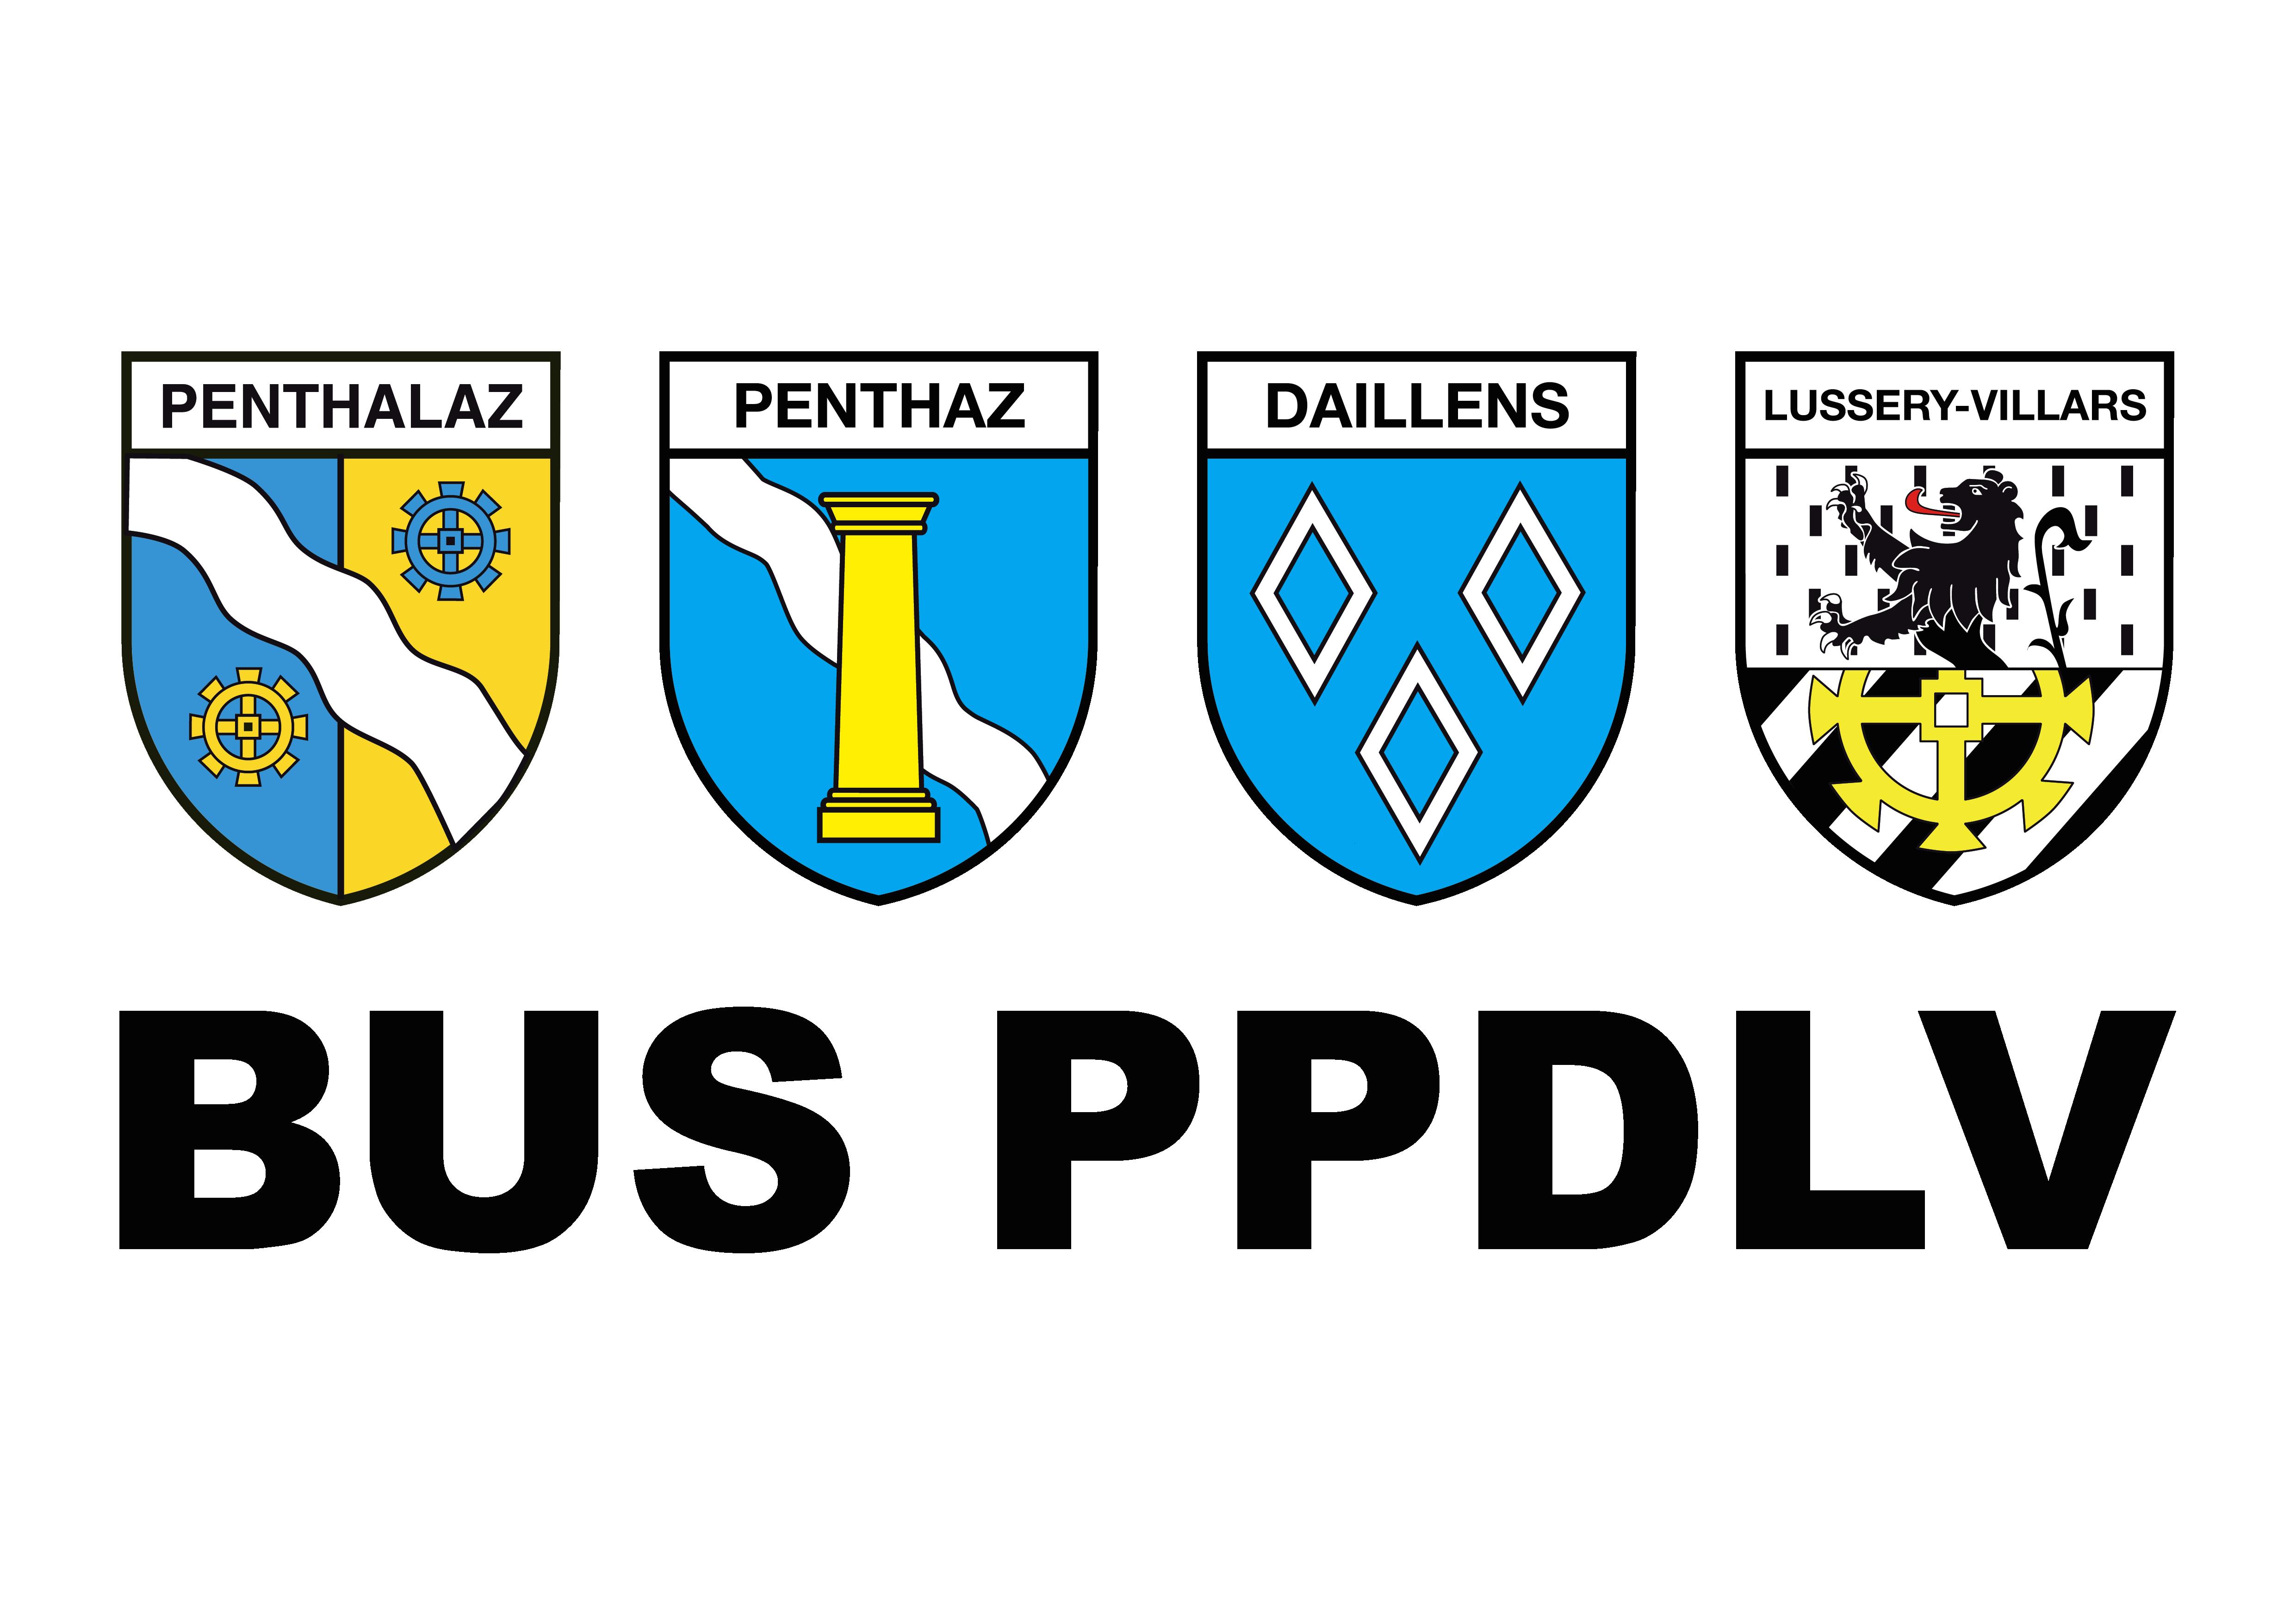 Bus PPDLV